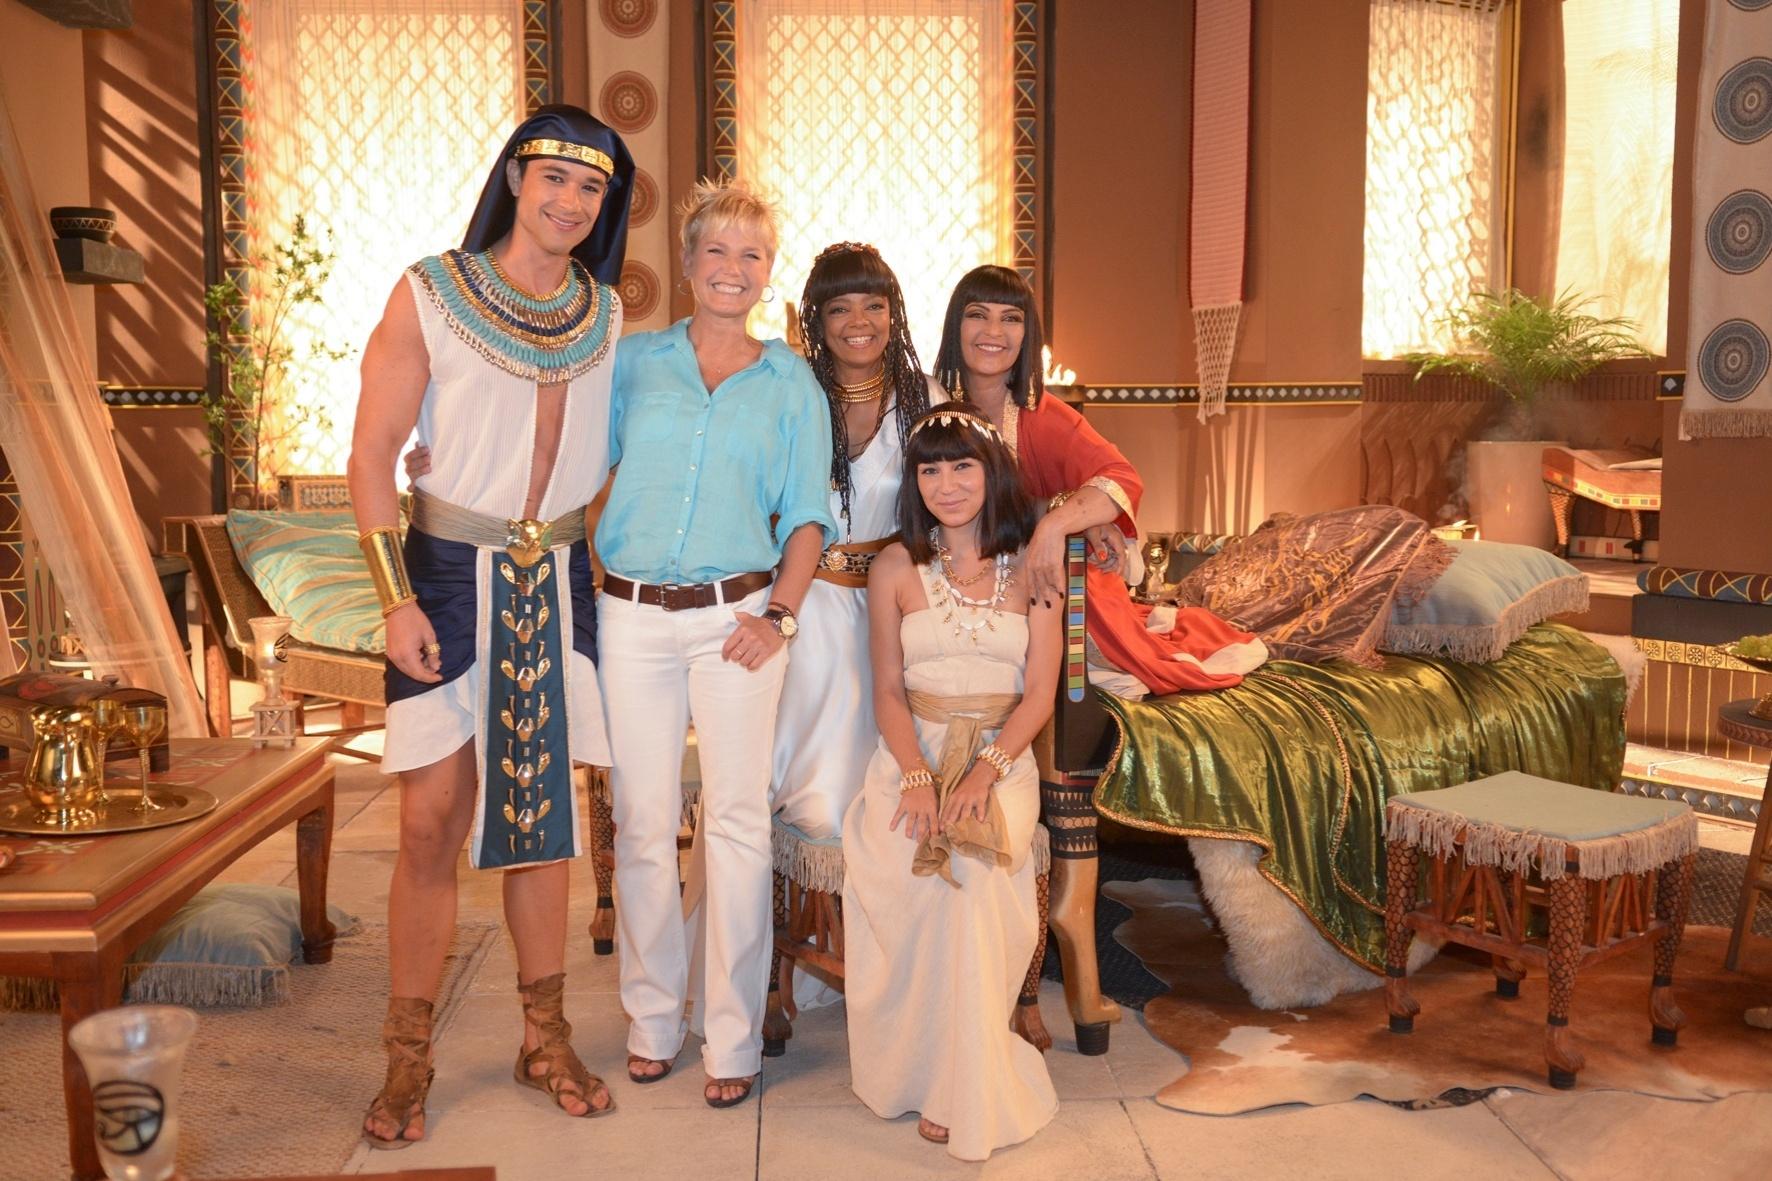 Em sua visita ao Recnov, Xuxa posa sorridente com parte do elenco de